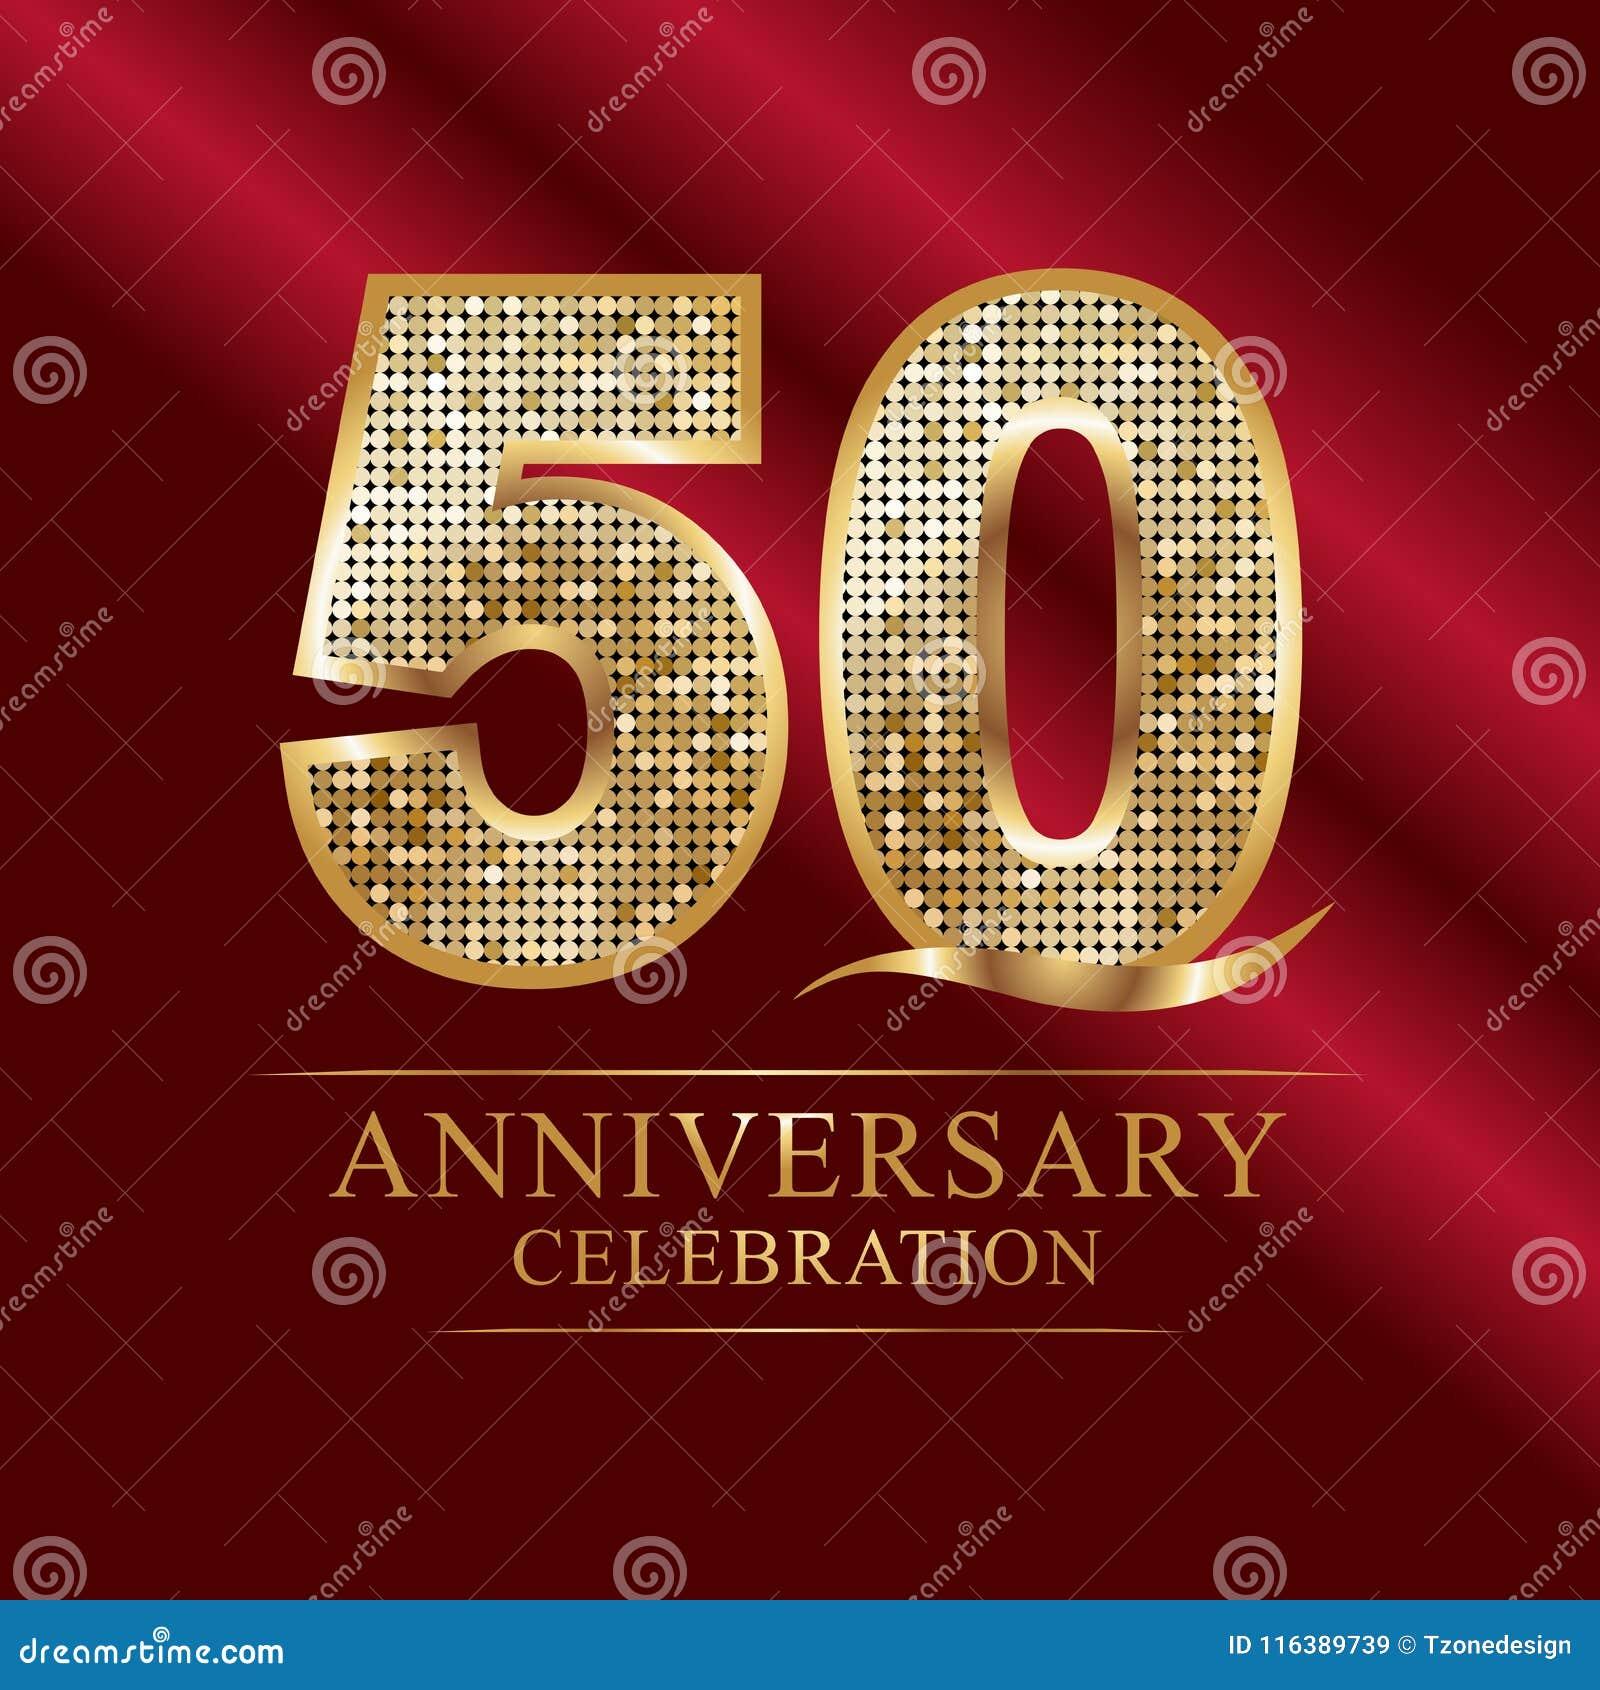 50 rok rocznicowego świętowanie logotypu 50th rok rocznicowy czerwony faborek i złoto szybko się zwiększać na szarym tle